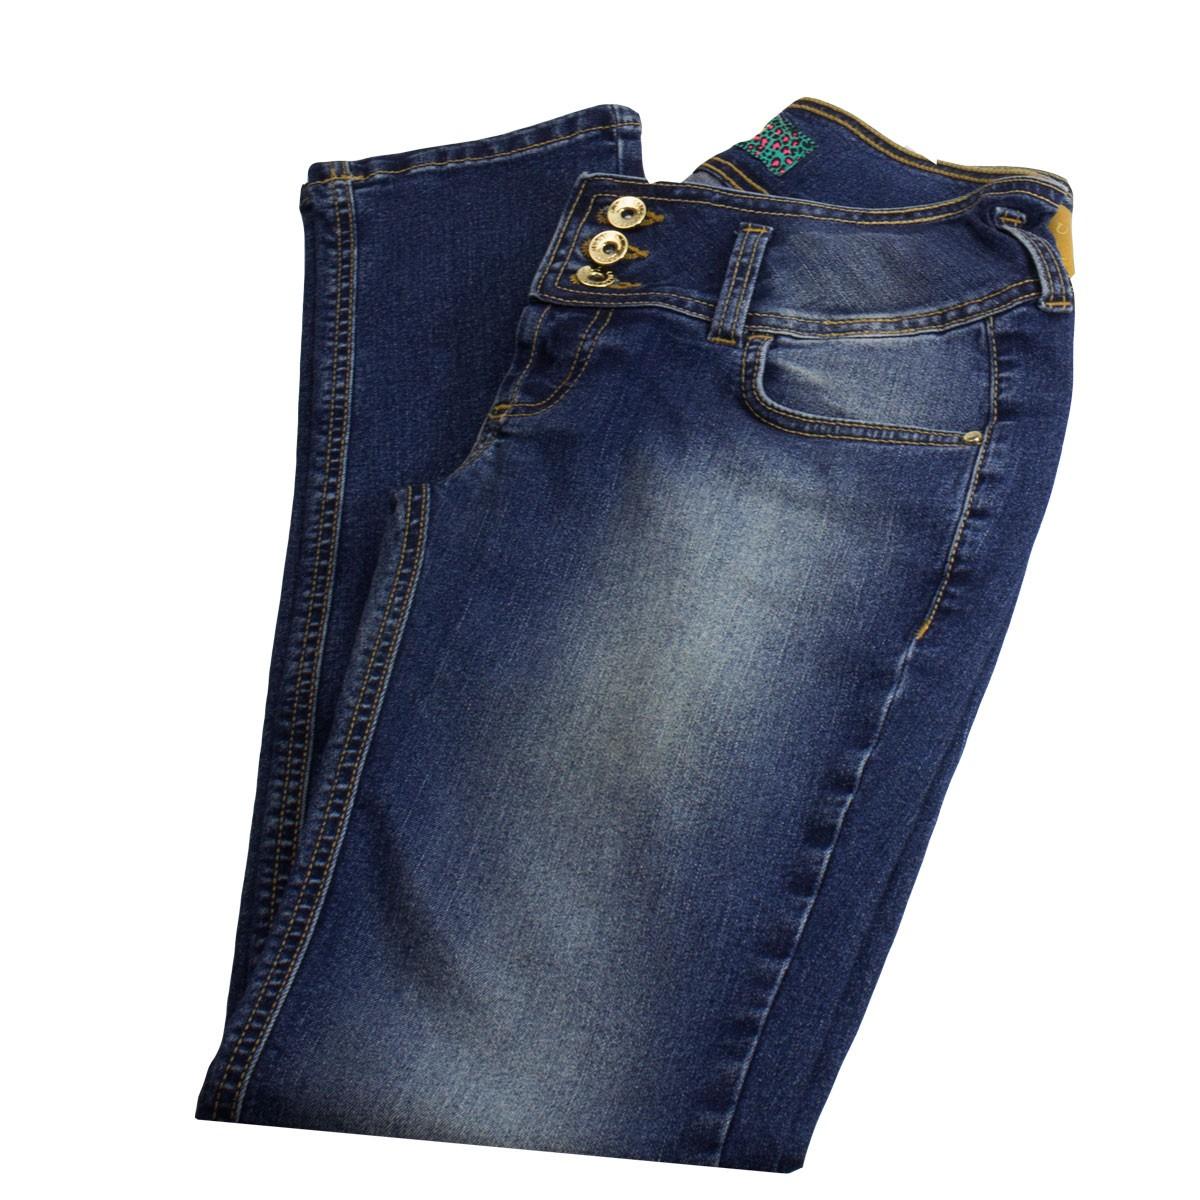 4b2e0cffb Bizz Store - Calça Jeans Infantil Colcci Fun Tina Indigo